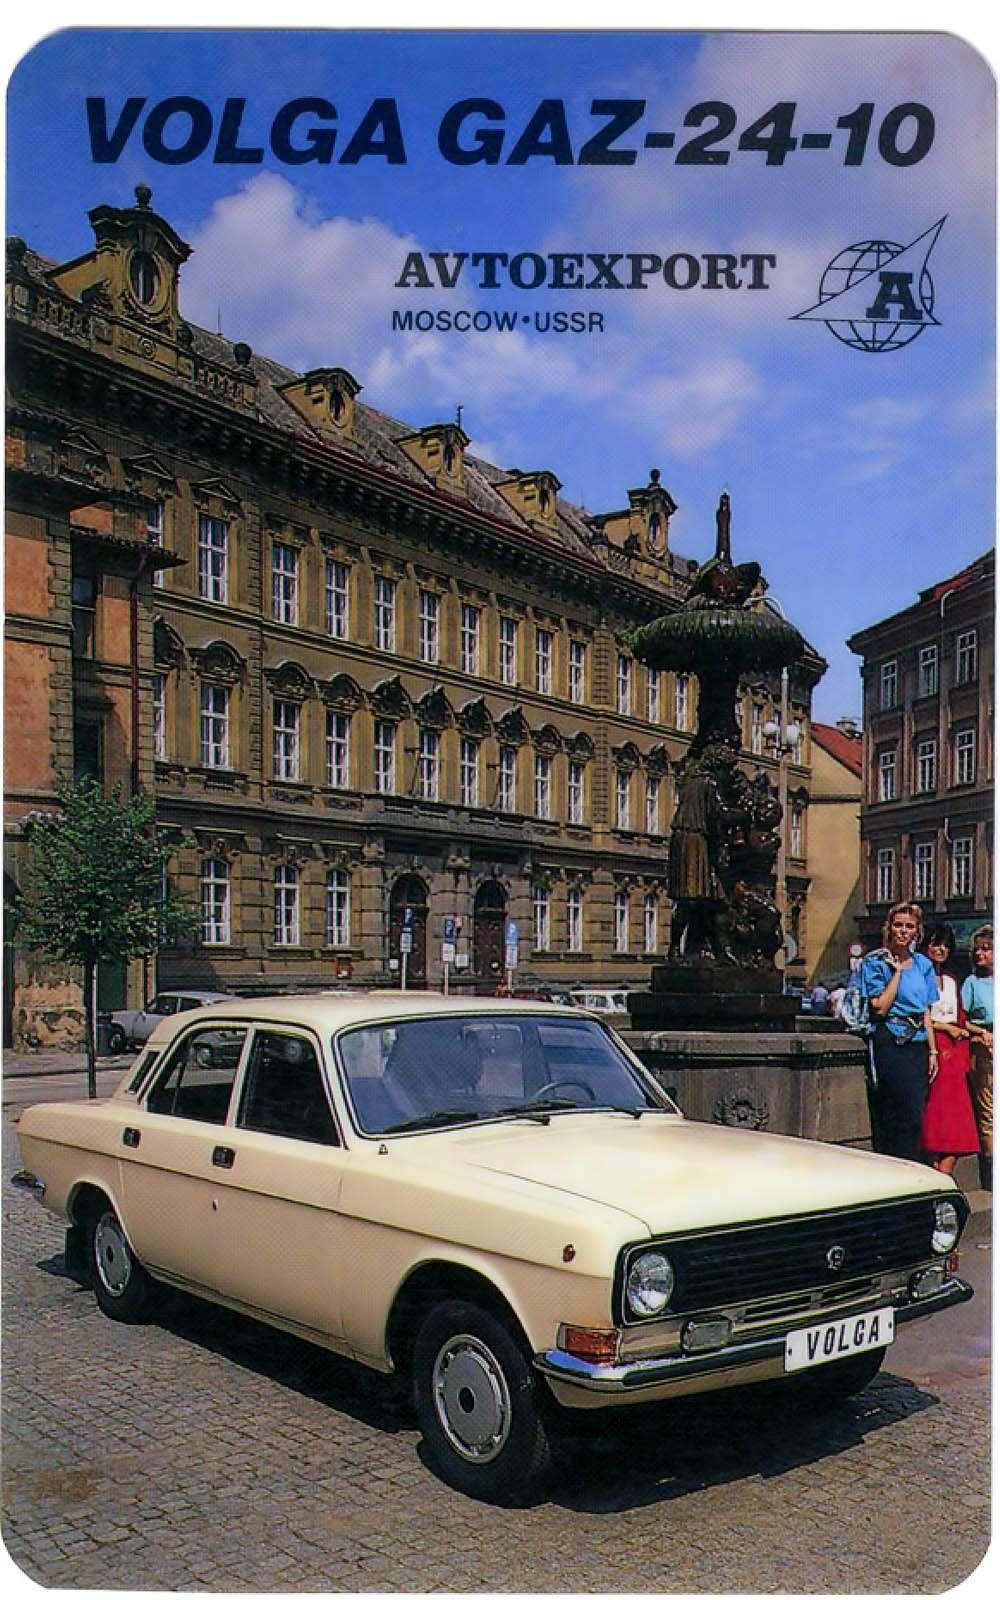 Реклама ГАЗ 24-10 Волга